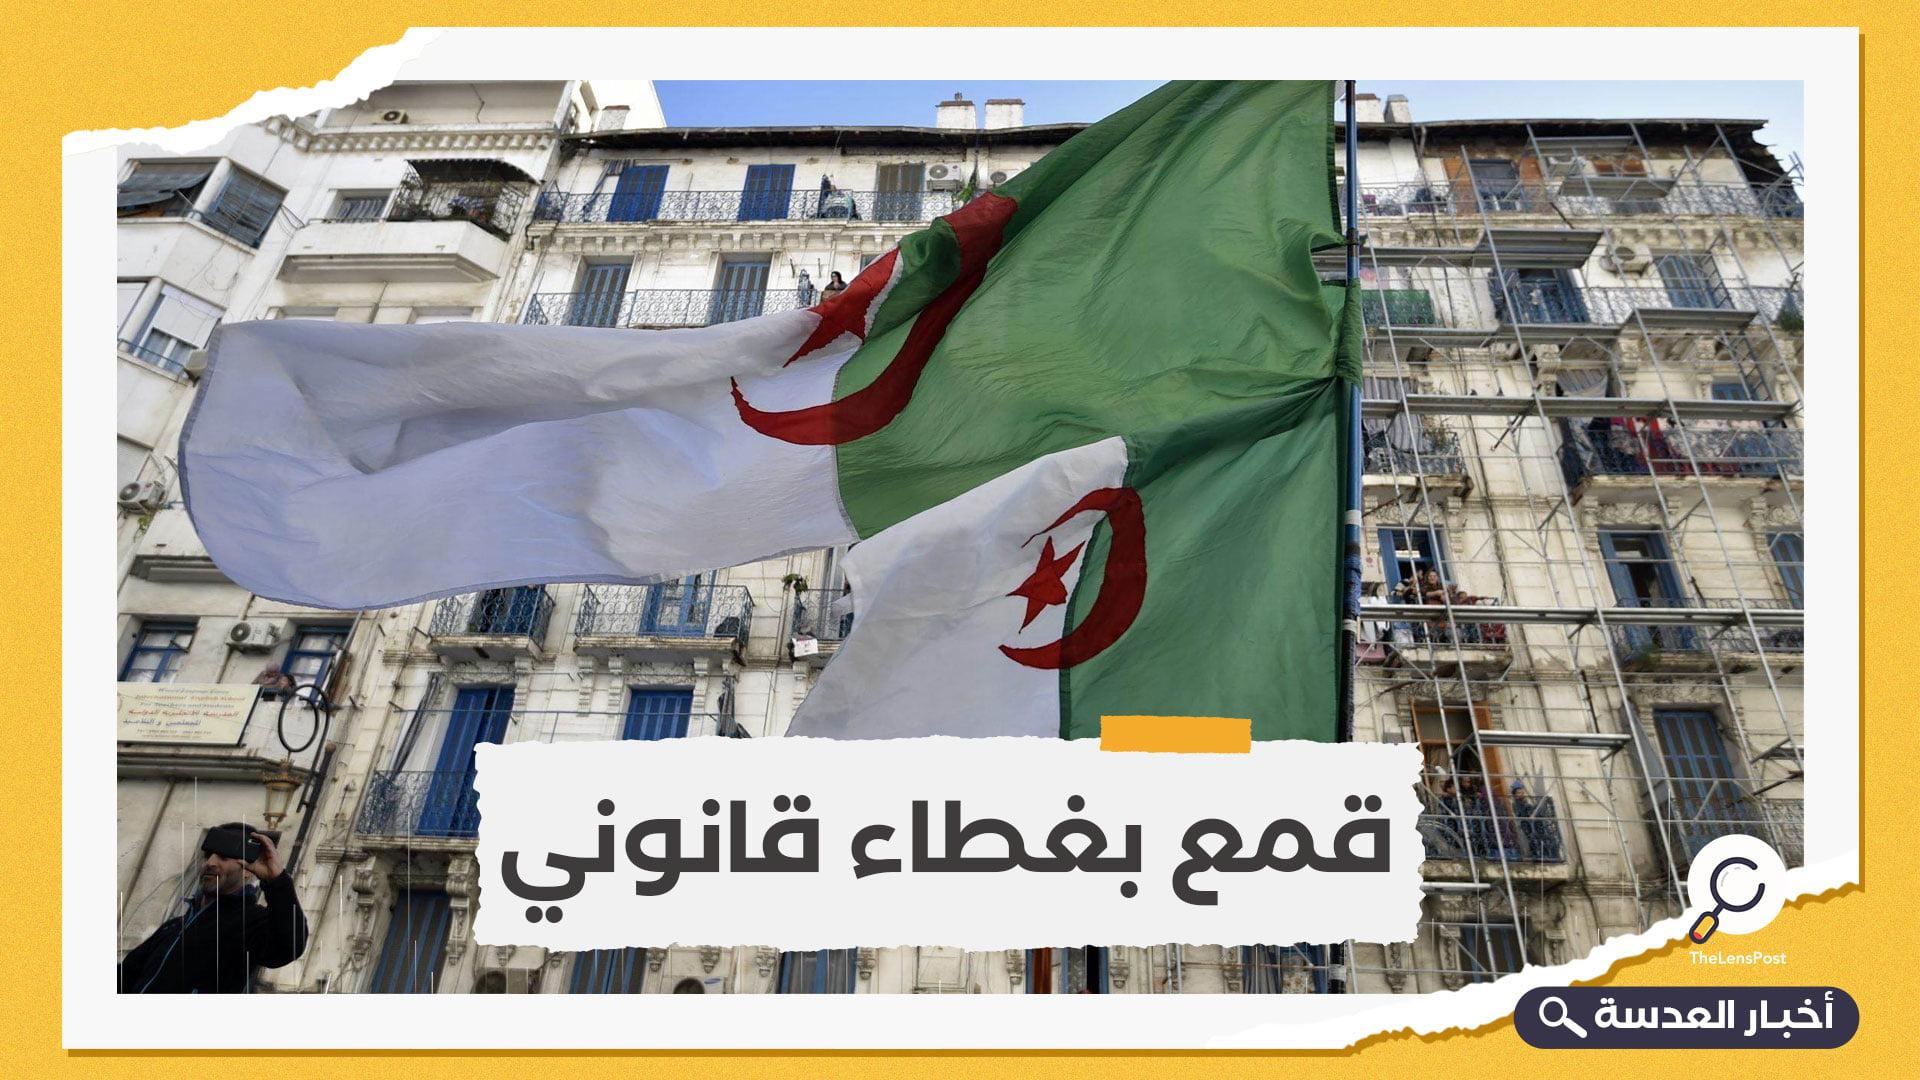 بعد أن طالبت النيابة له بالمؤبد.. محكمة جزائرية تقضي بسجن طالب من ناشطي الحراك 6 أشهر